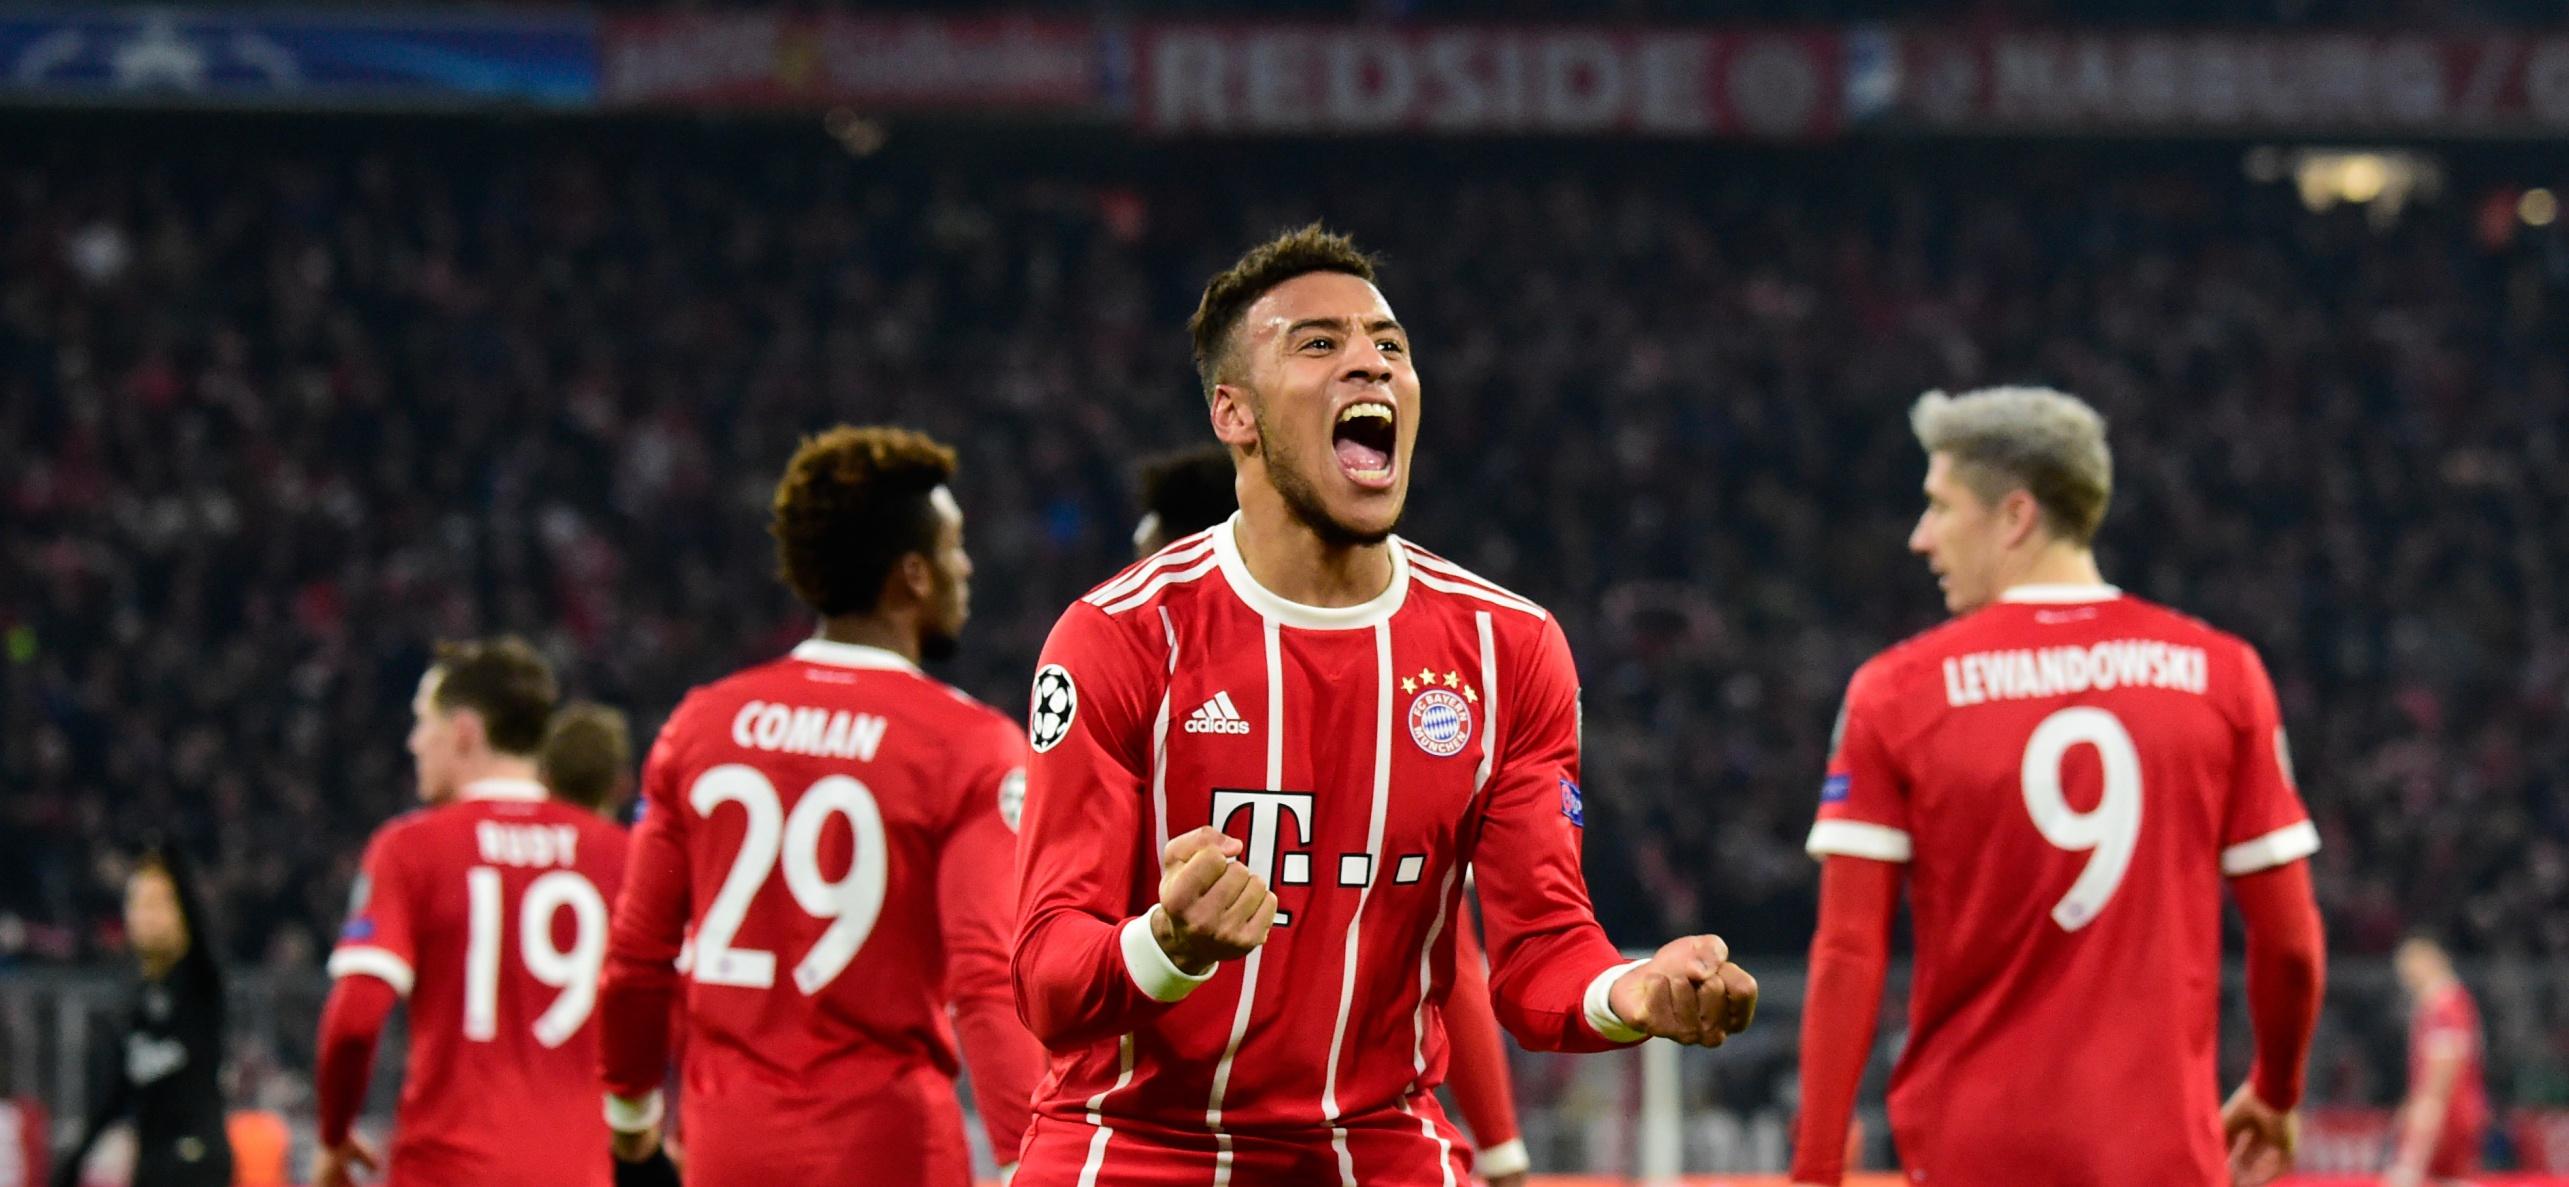 [Ligue des champions] Bayern Munich – Paris Saint-Germain : les notes